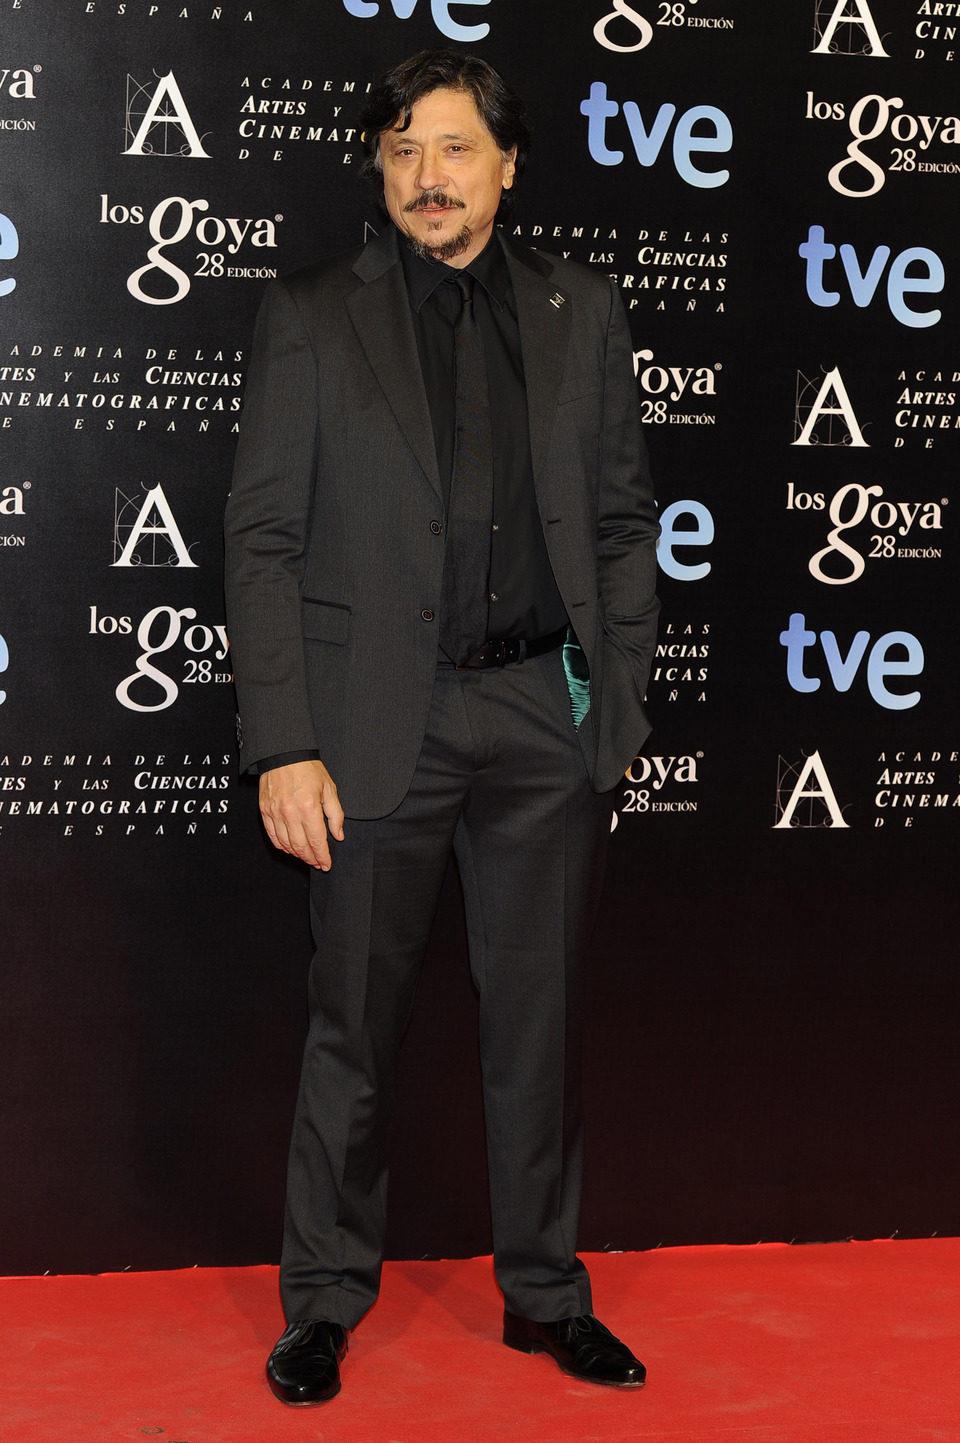 Carlos Bardem en la alfombra roja de la fiesta de los nominados a los premios Goya 2014